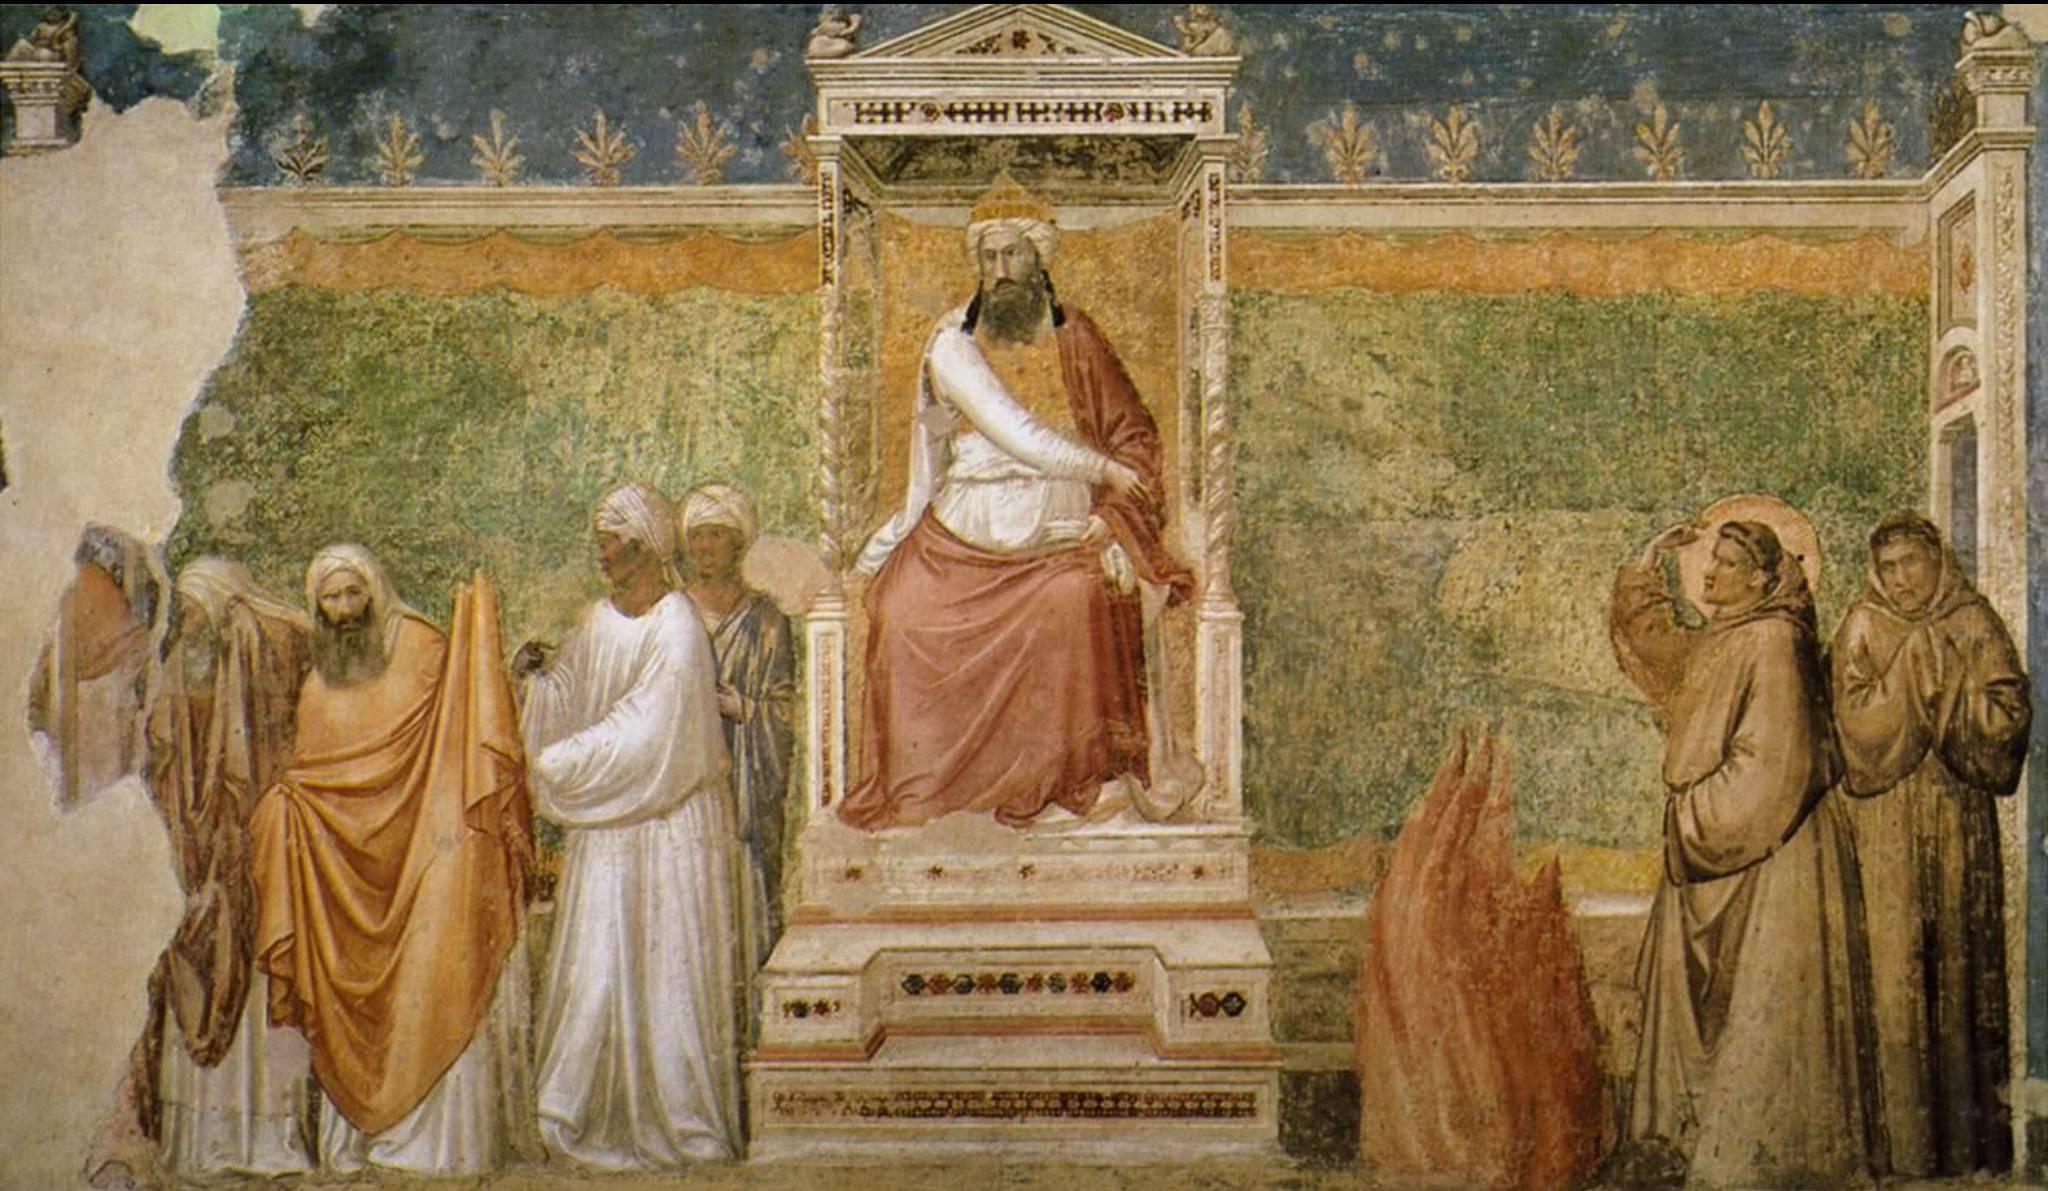 Festa di San Francesco d'Assisi, celebrazioni a Benevento